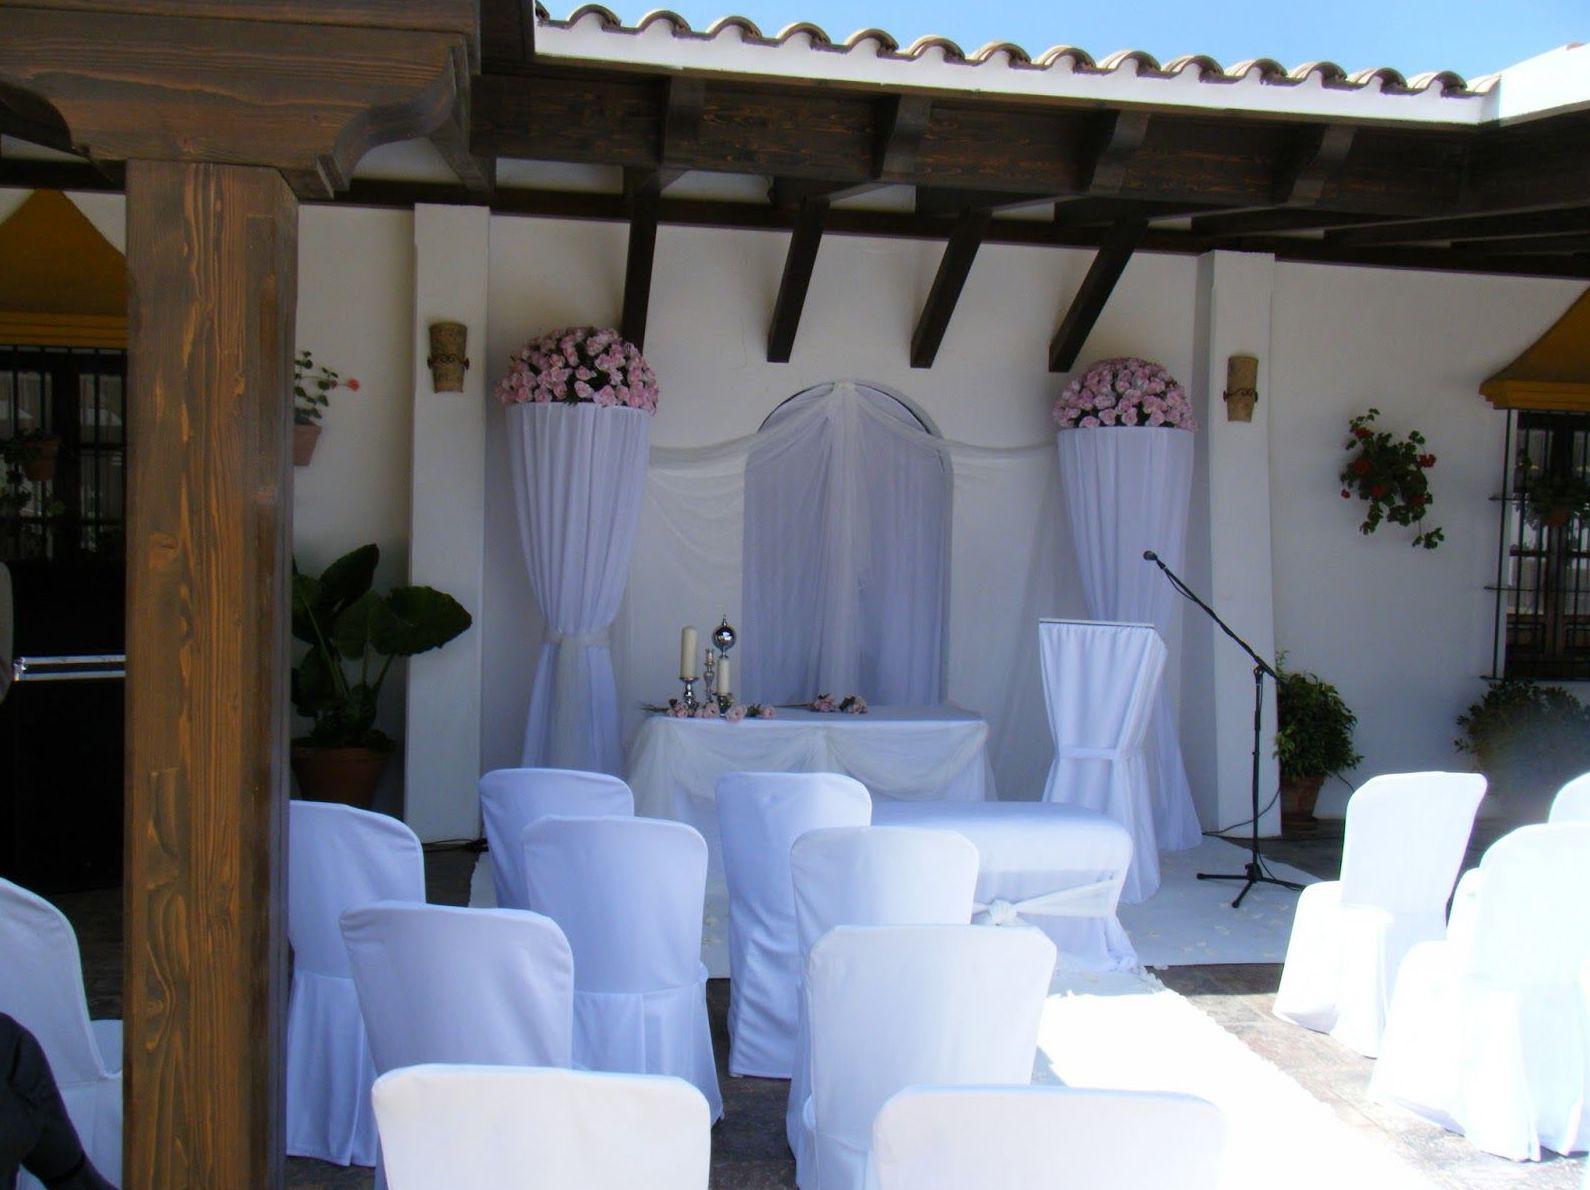 Foto 28 de Celebración de bodas en Alcalá de Guadaíra | Hacienda Mendieta